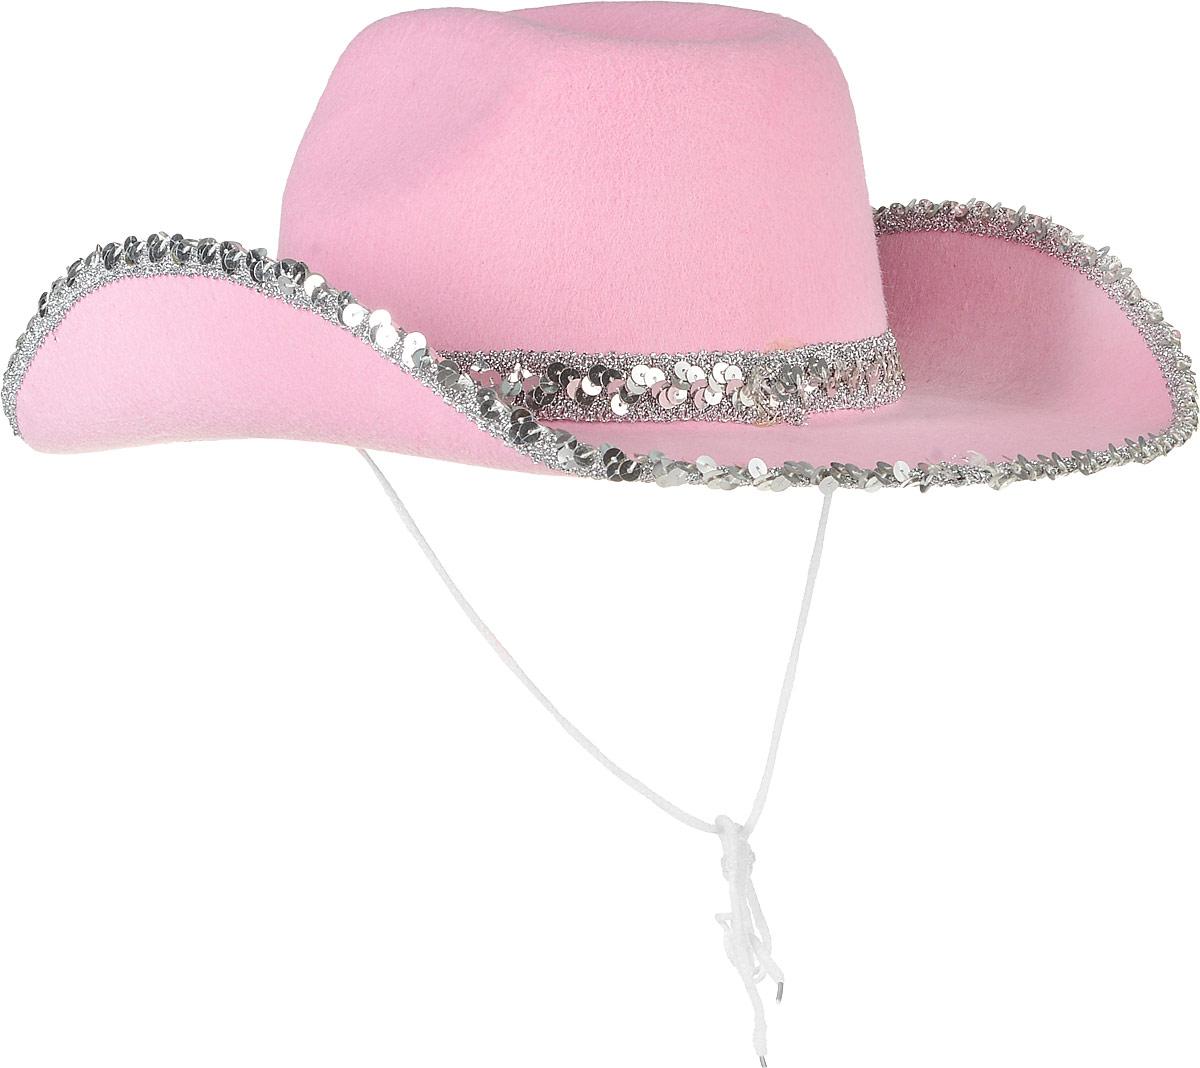 Rio Аксессуар для карнавального костюма Шляпа 8113 -  Колпаки и шляпы